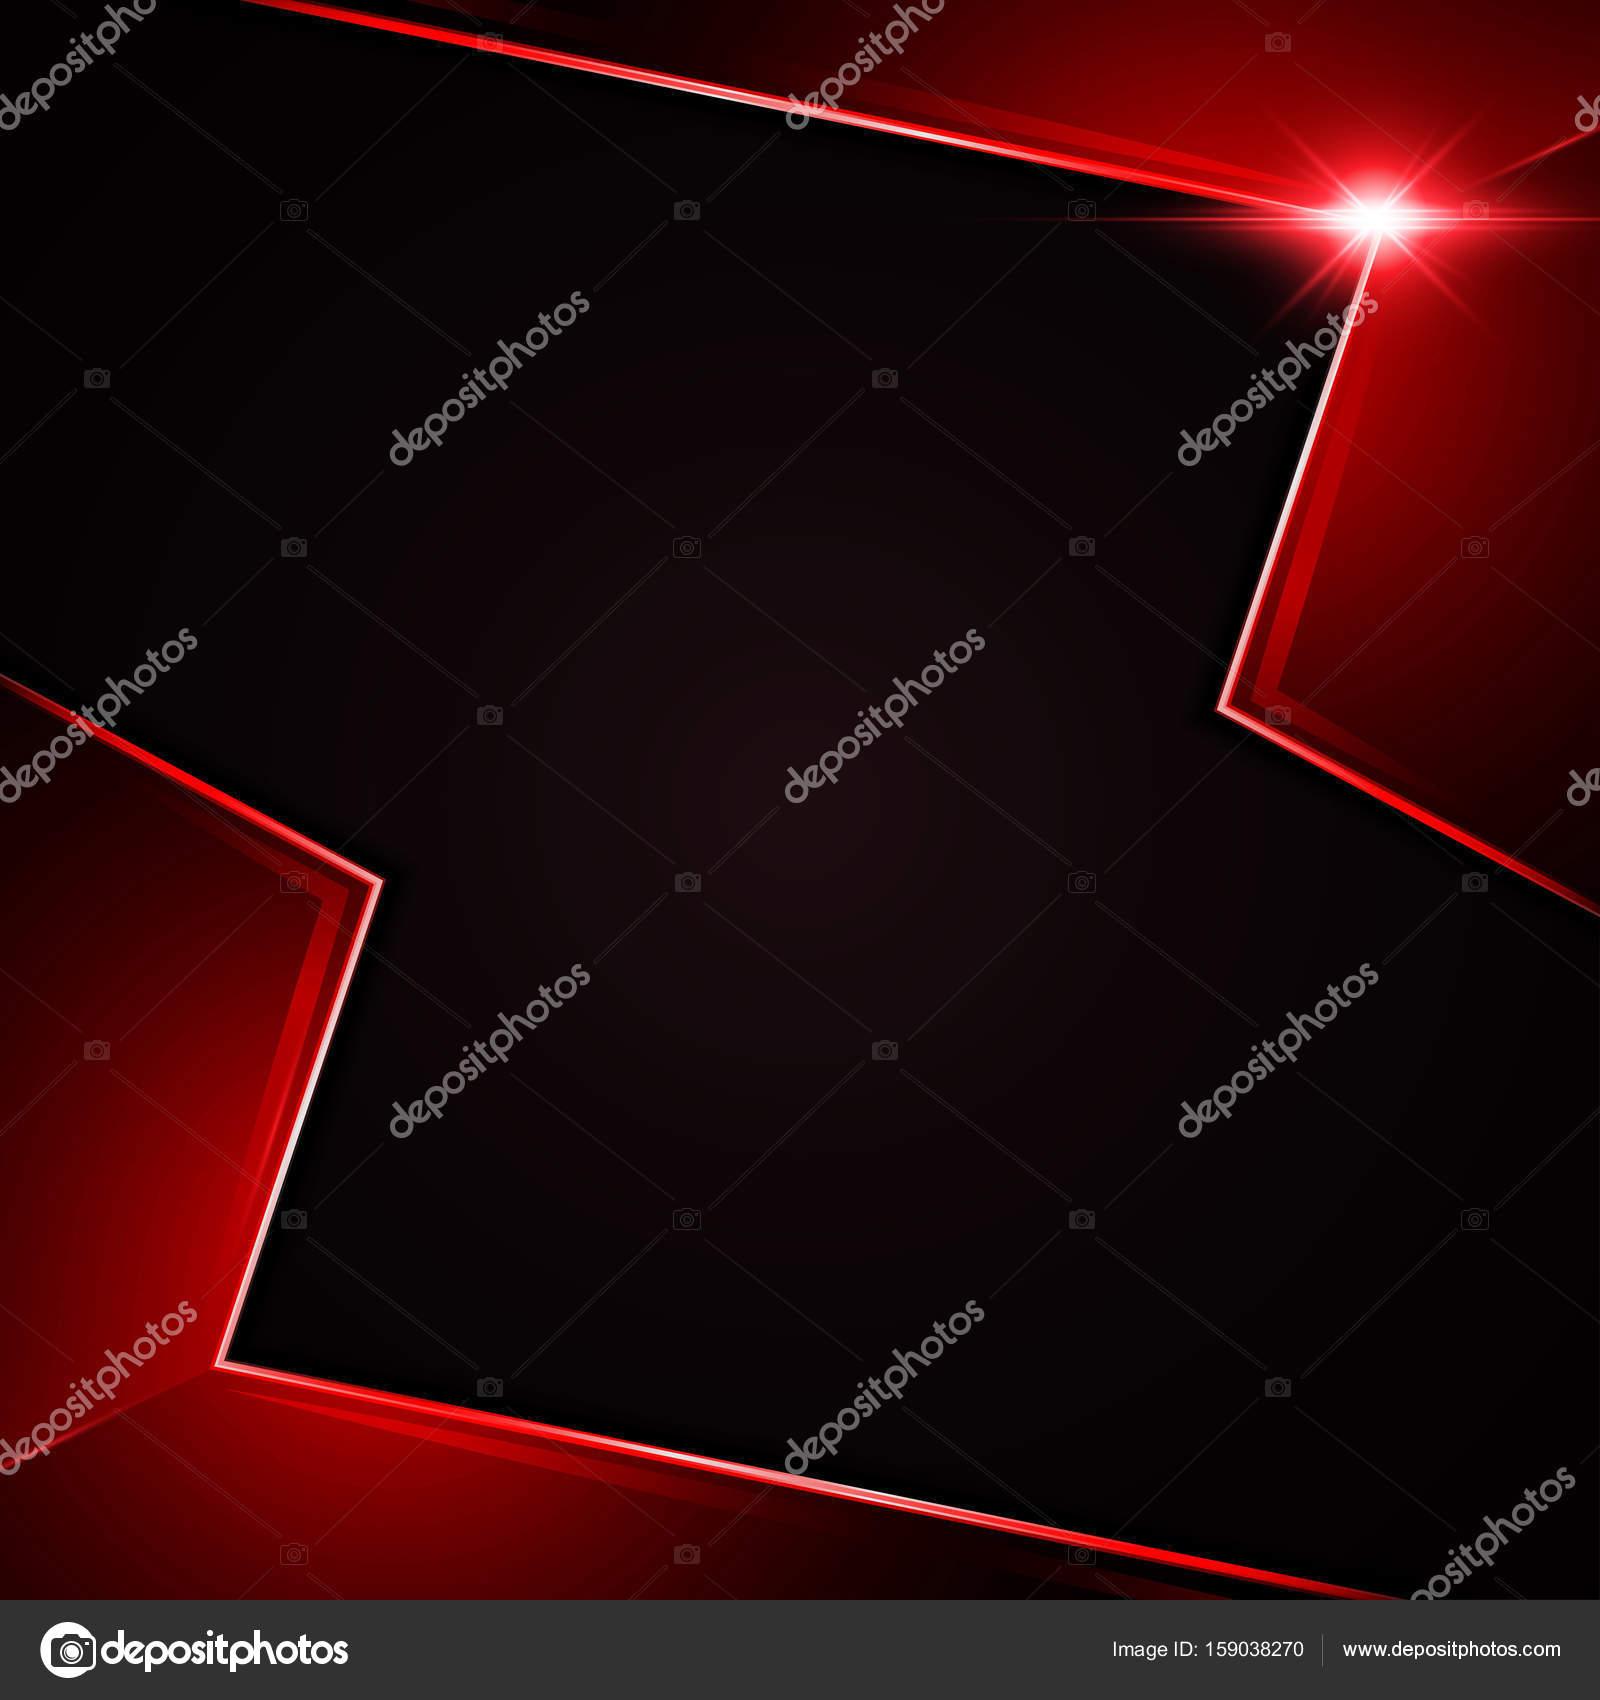 rectángulo rojo metálico abstracto marco diseño plantilla fondo ...